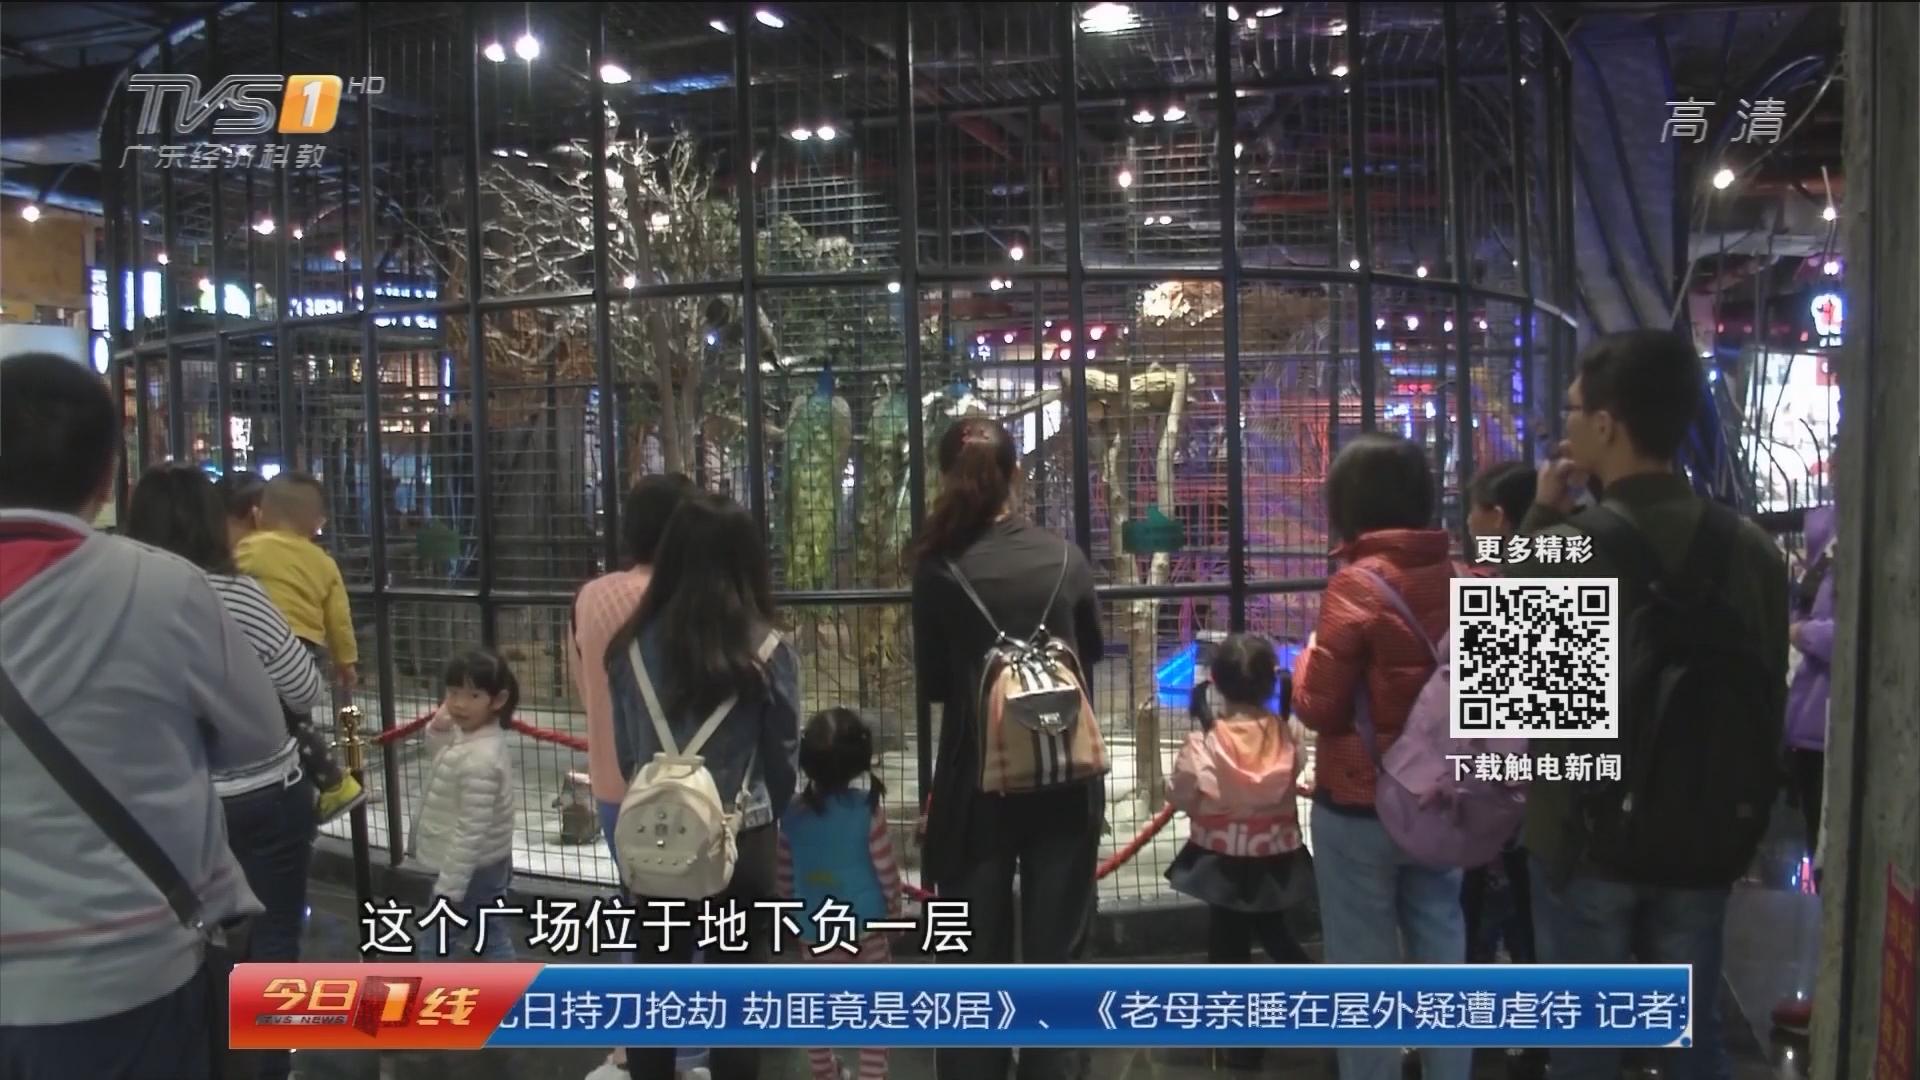 广州天河:地下商场办动物展览 引发争议